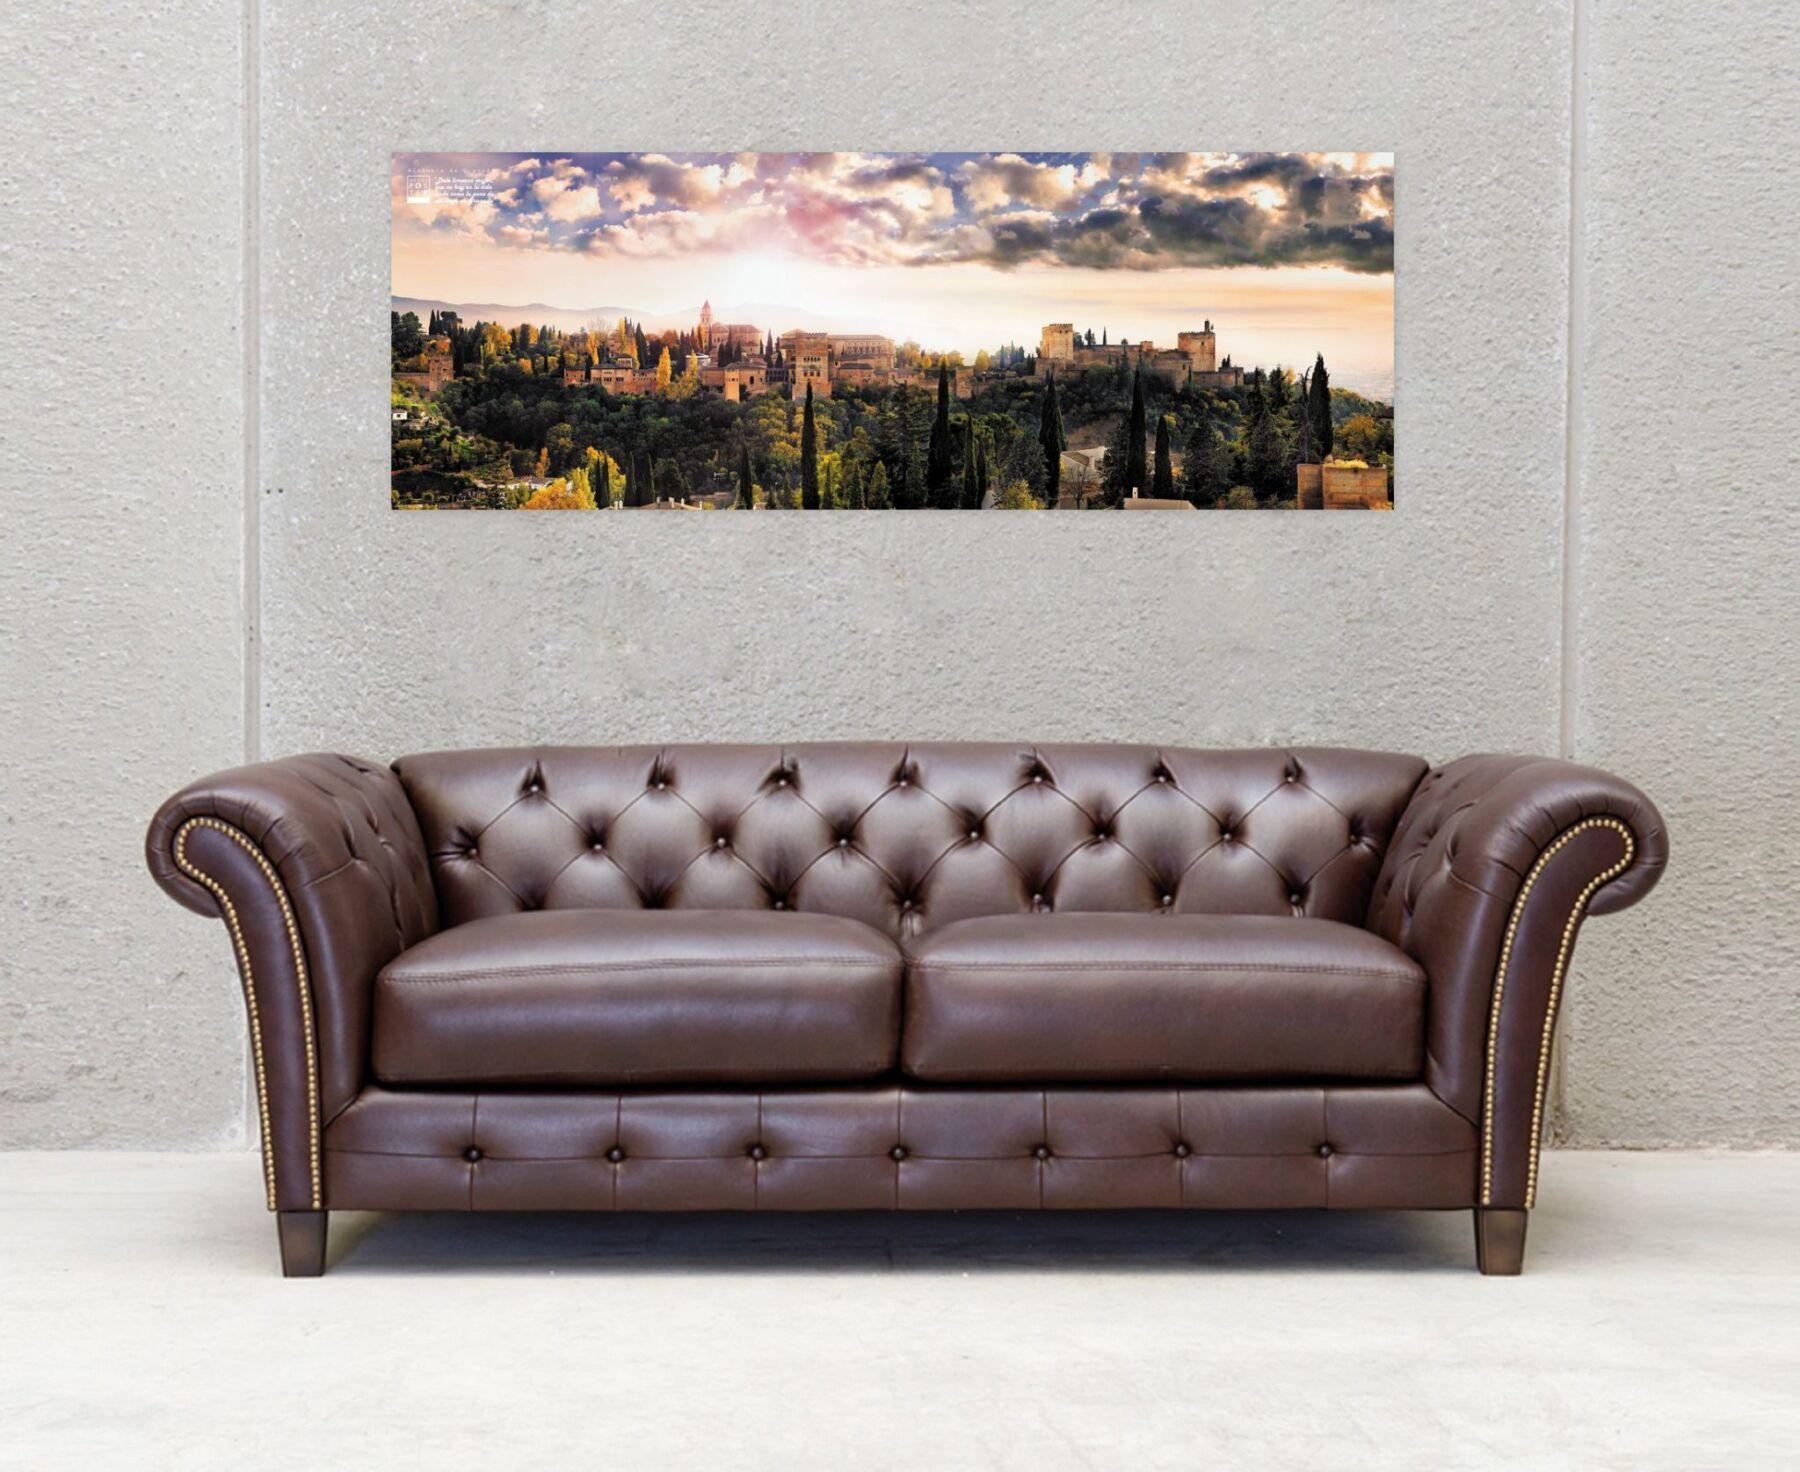 muestra alhambra poster apaisado